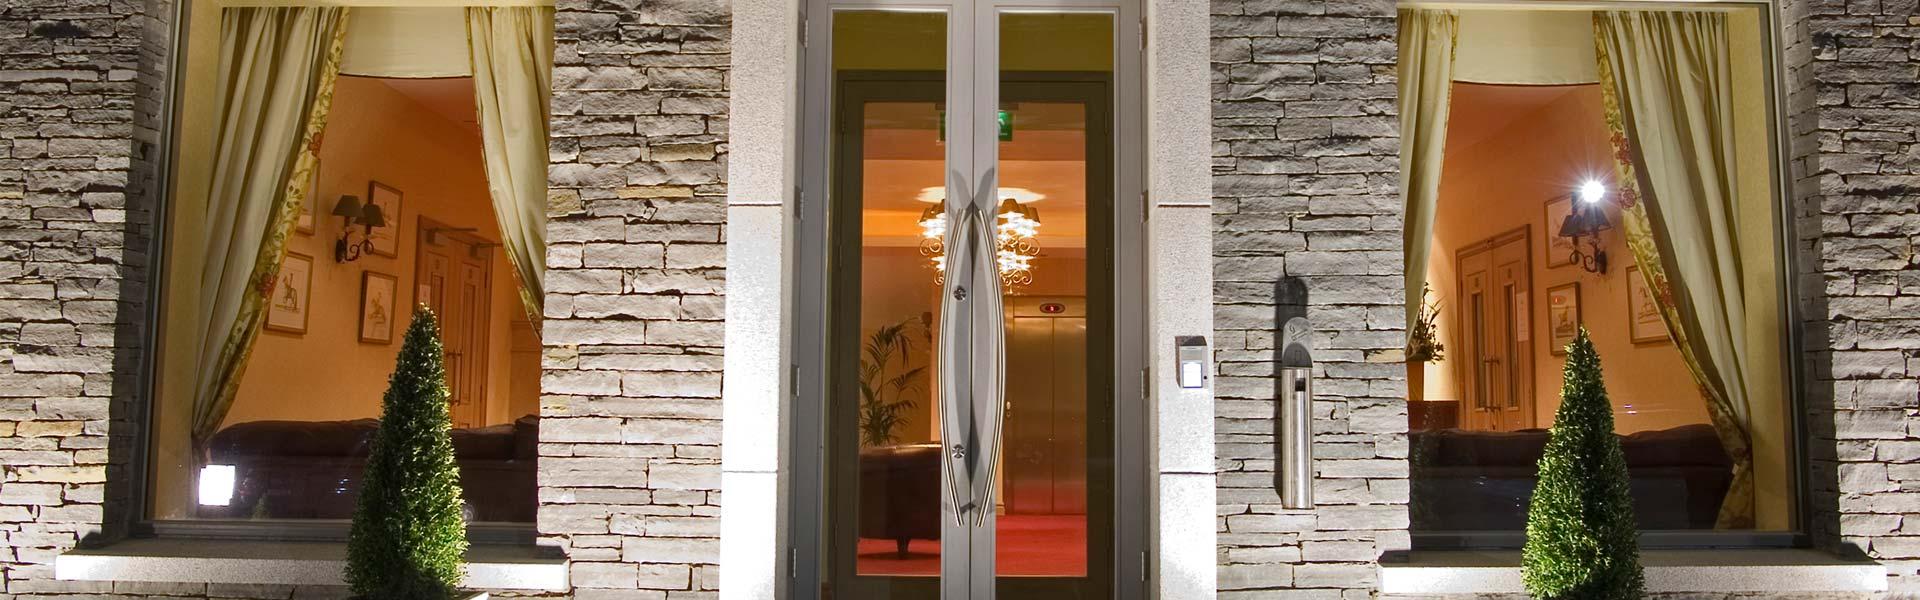 BannerH_kettleshotel_entrance.jpg